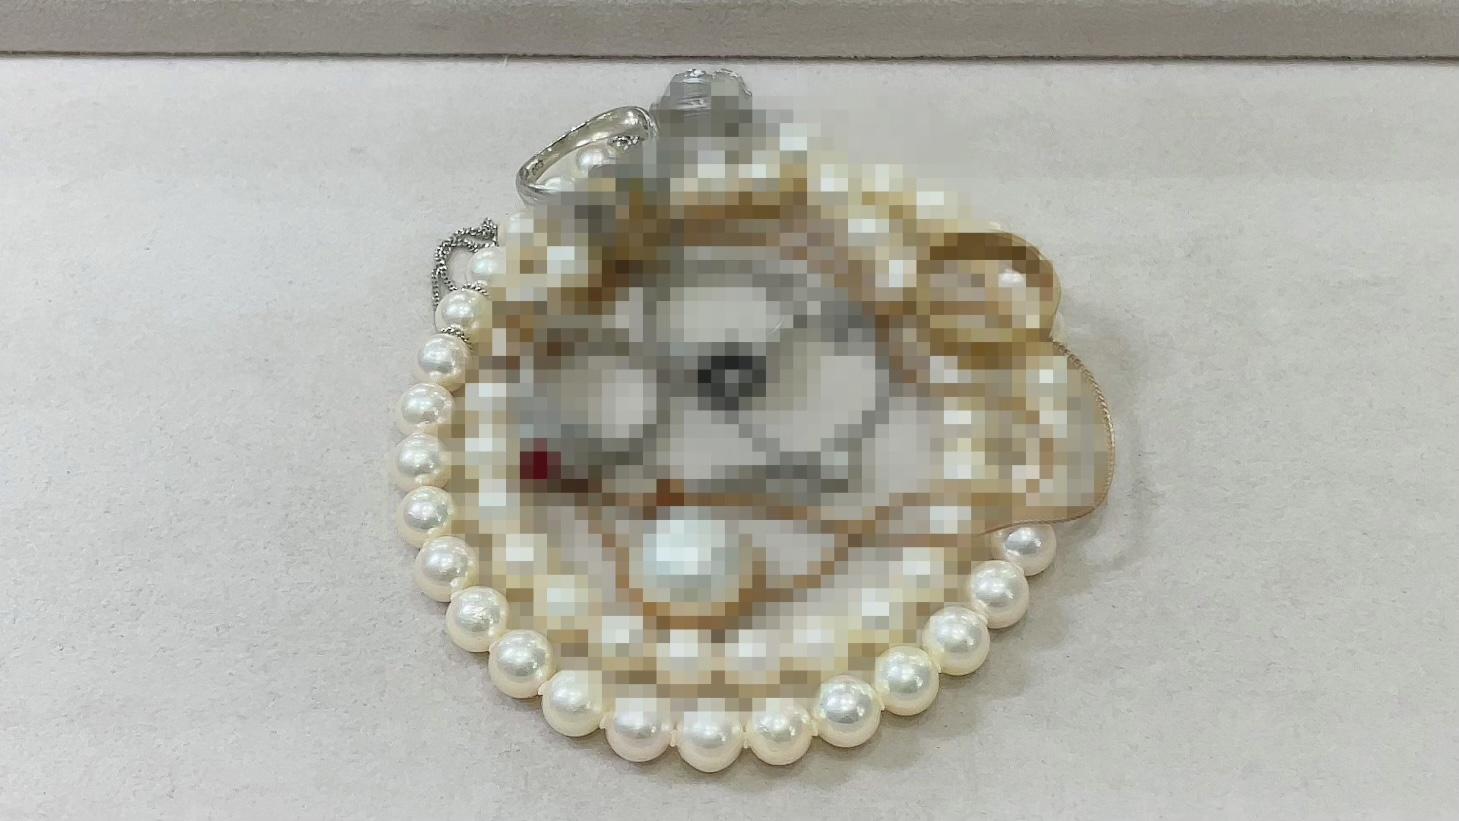 【買取速報】サファイヤ、ダイヤモンド、パール、マベパール、ルビー、ネックレス、ペンダント、指-2021-05-16